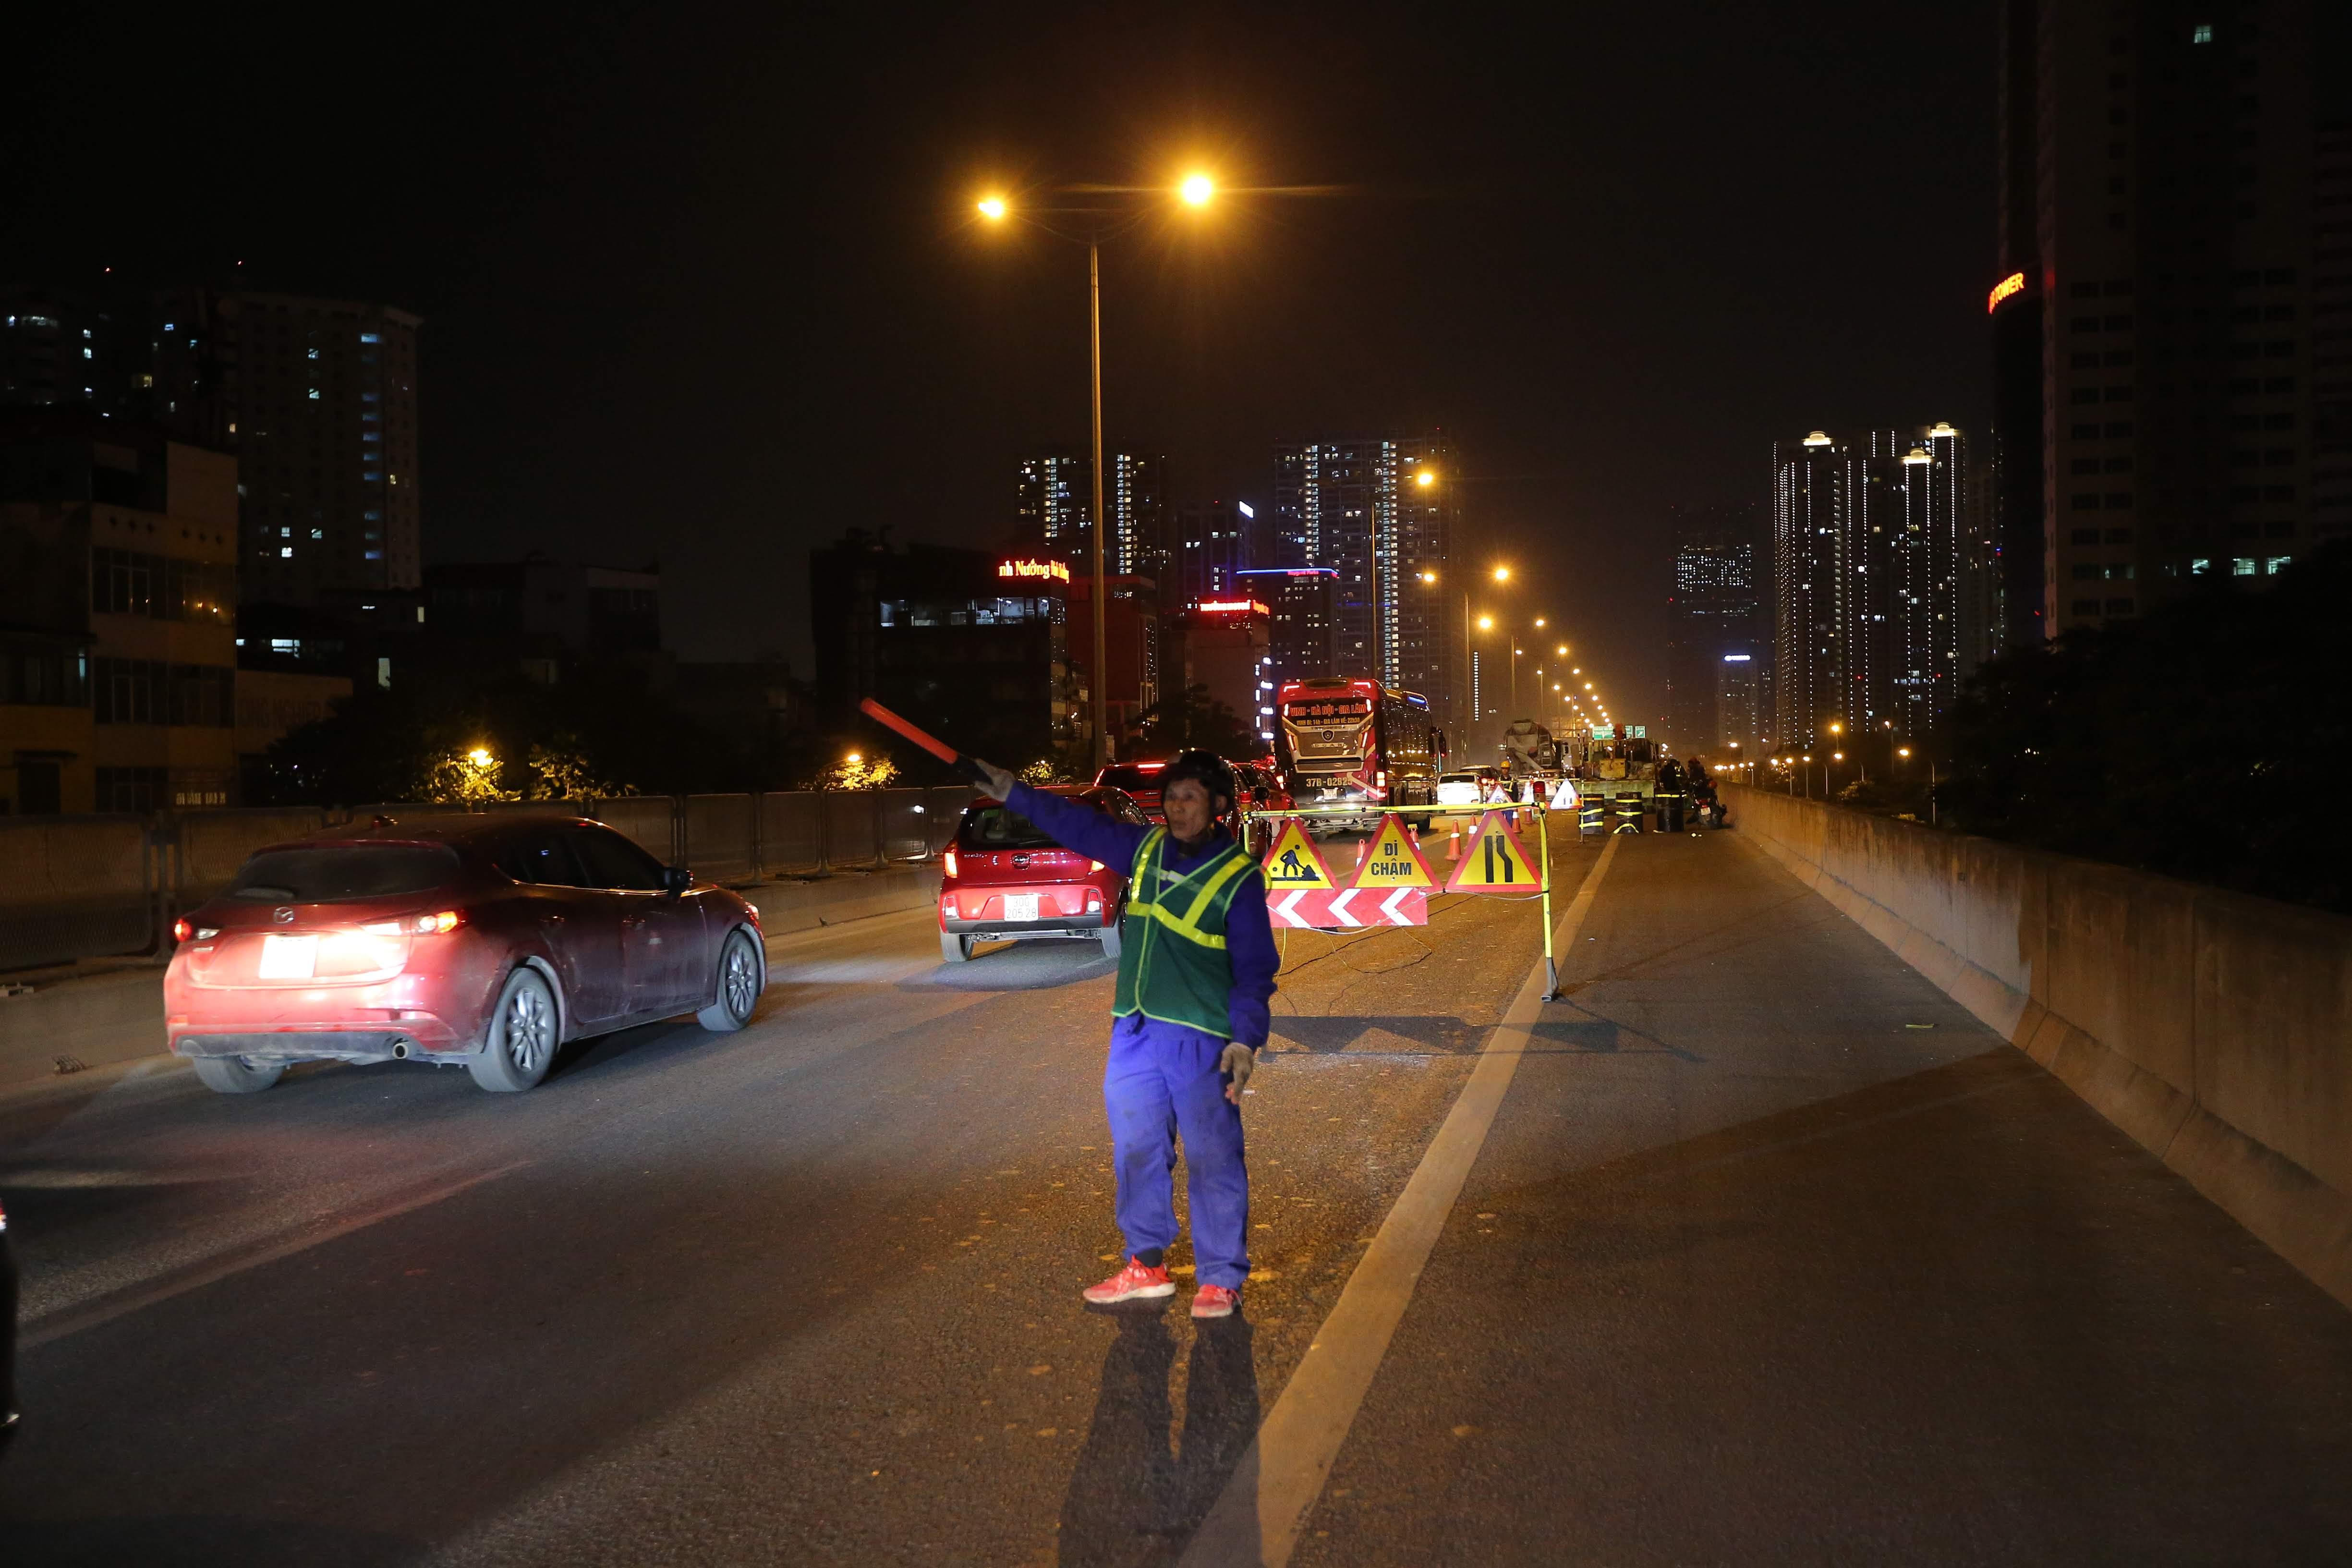 Theo ghi nhận của PV, từ đêm ngày 17/2, từ đêm 17/2, đường vành đai 3 trên cao (đoạn từ Ngã tư Khuất Duy Tiến đến cầu Dậu) bắt đầu được công nhân sửa chữa, thay thế các thanh co giãn trên đường.